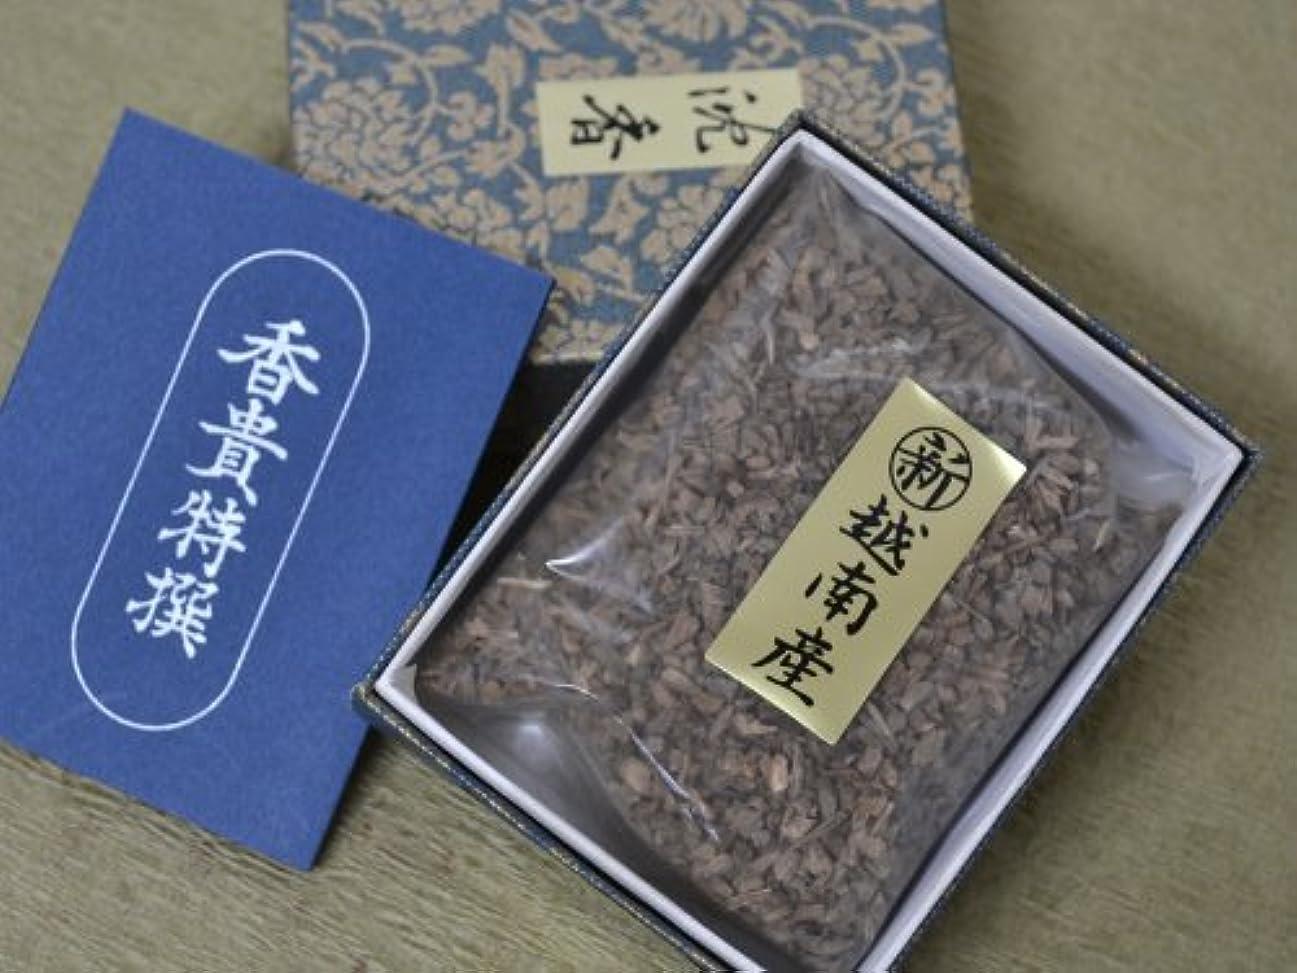 エクスタシーかわす義務香木 お焼香 新ベトナム産 沈香 【最高級品】 18g